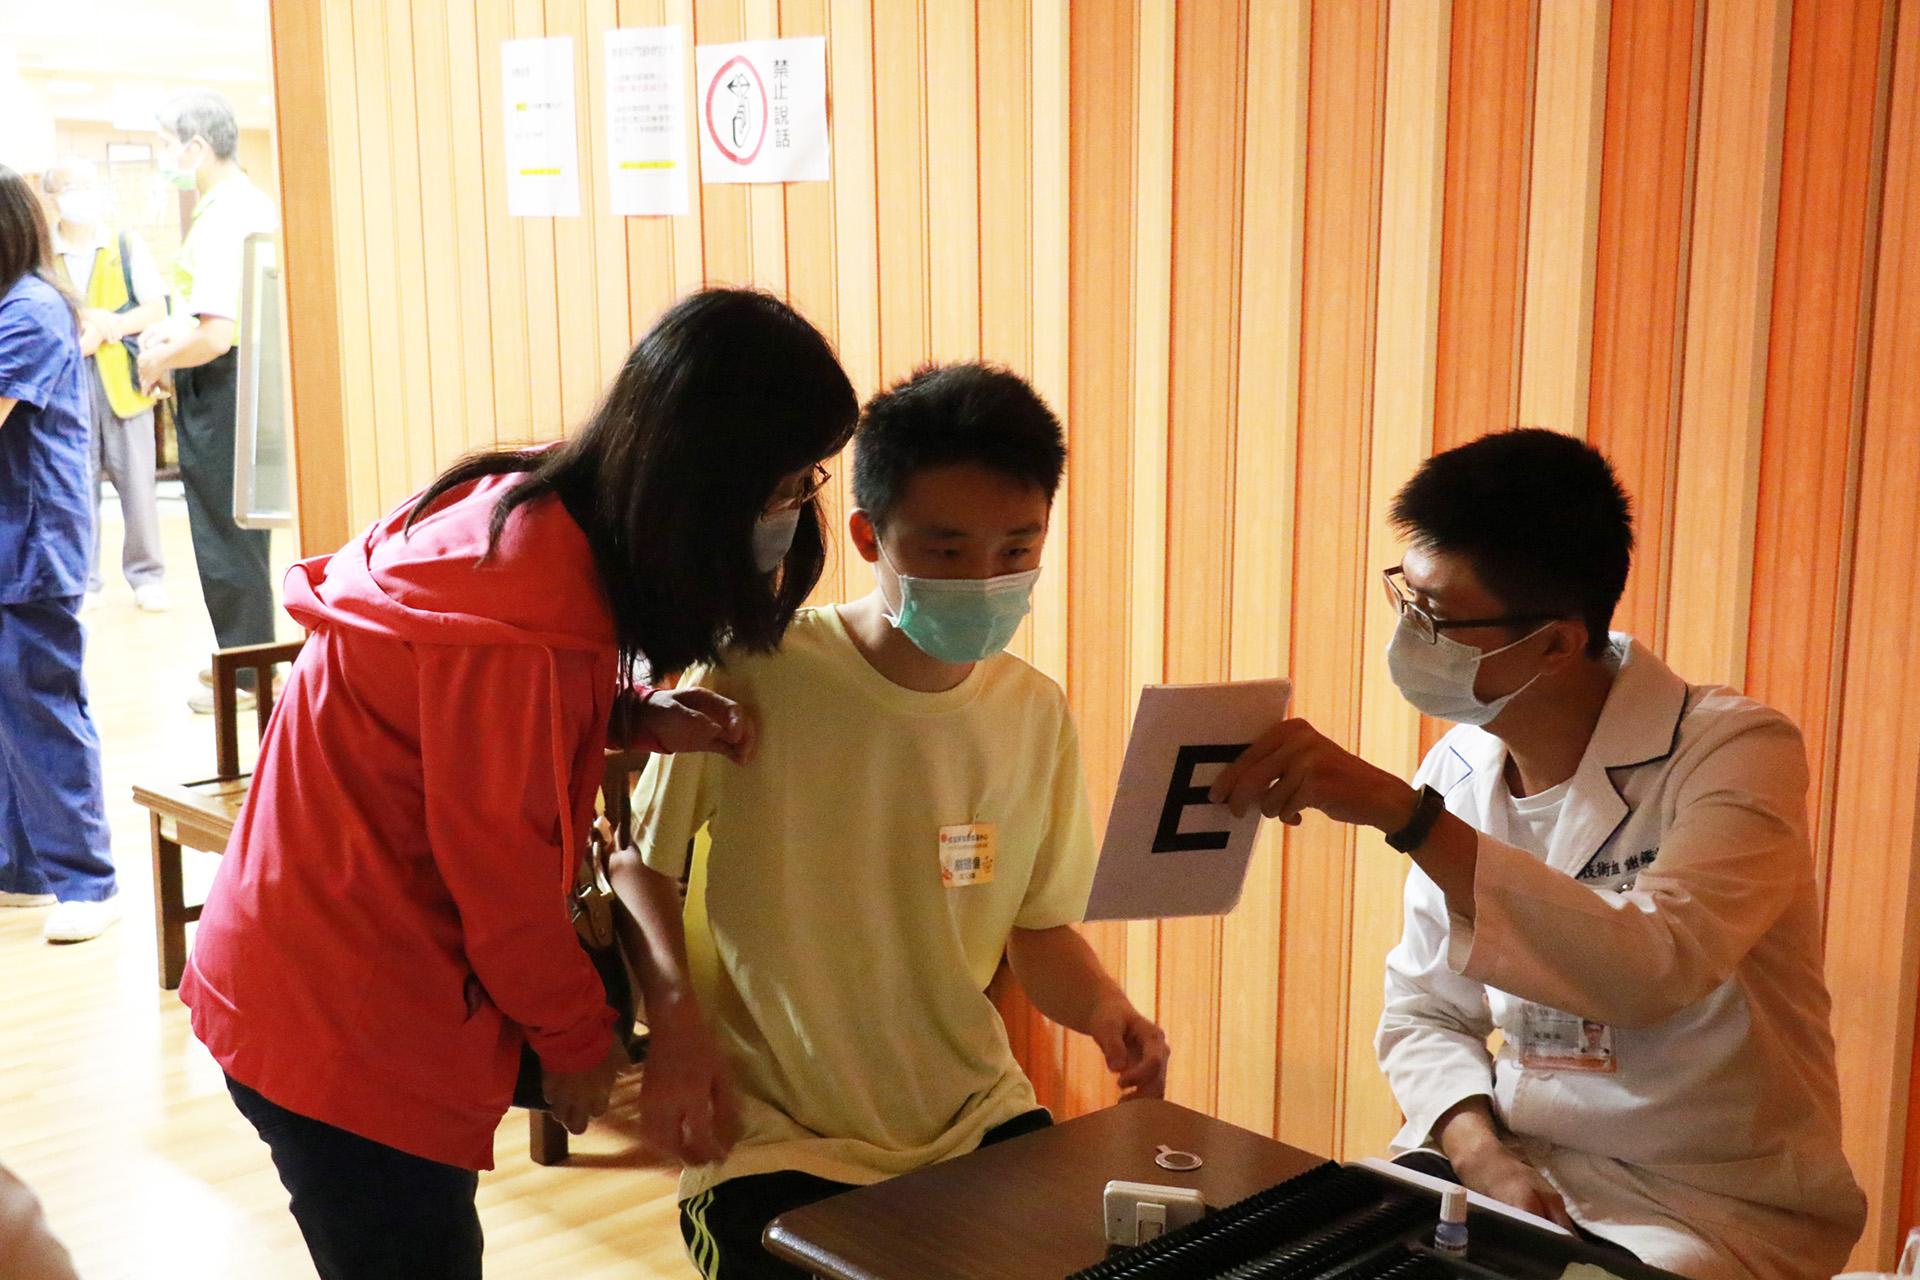 院生林暐倫由媽媽張筑婷陪伴完成視力檢查。